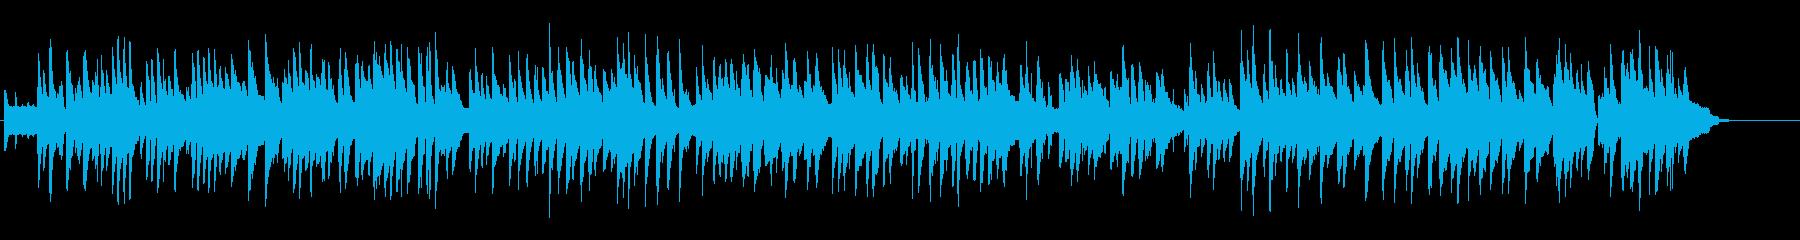 しっとり大人のムード・ピアノ・JAZZの再生済みの波形